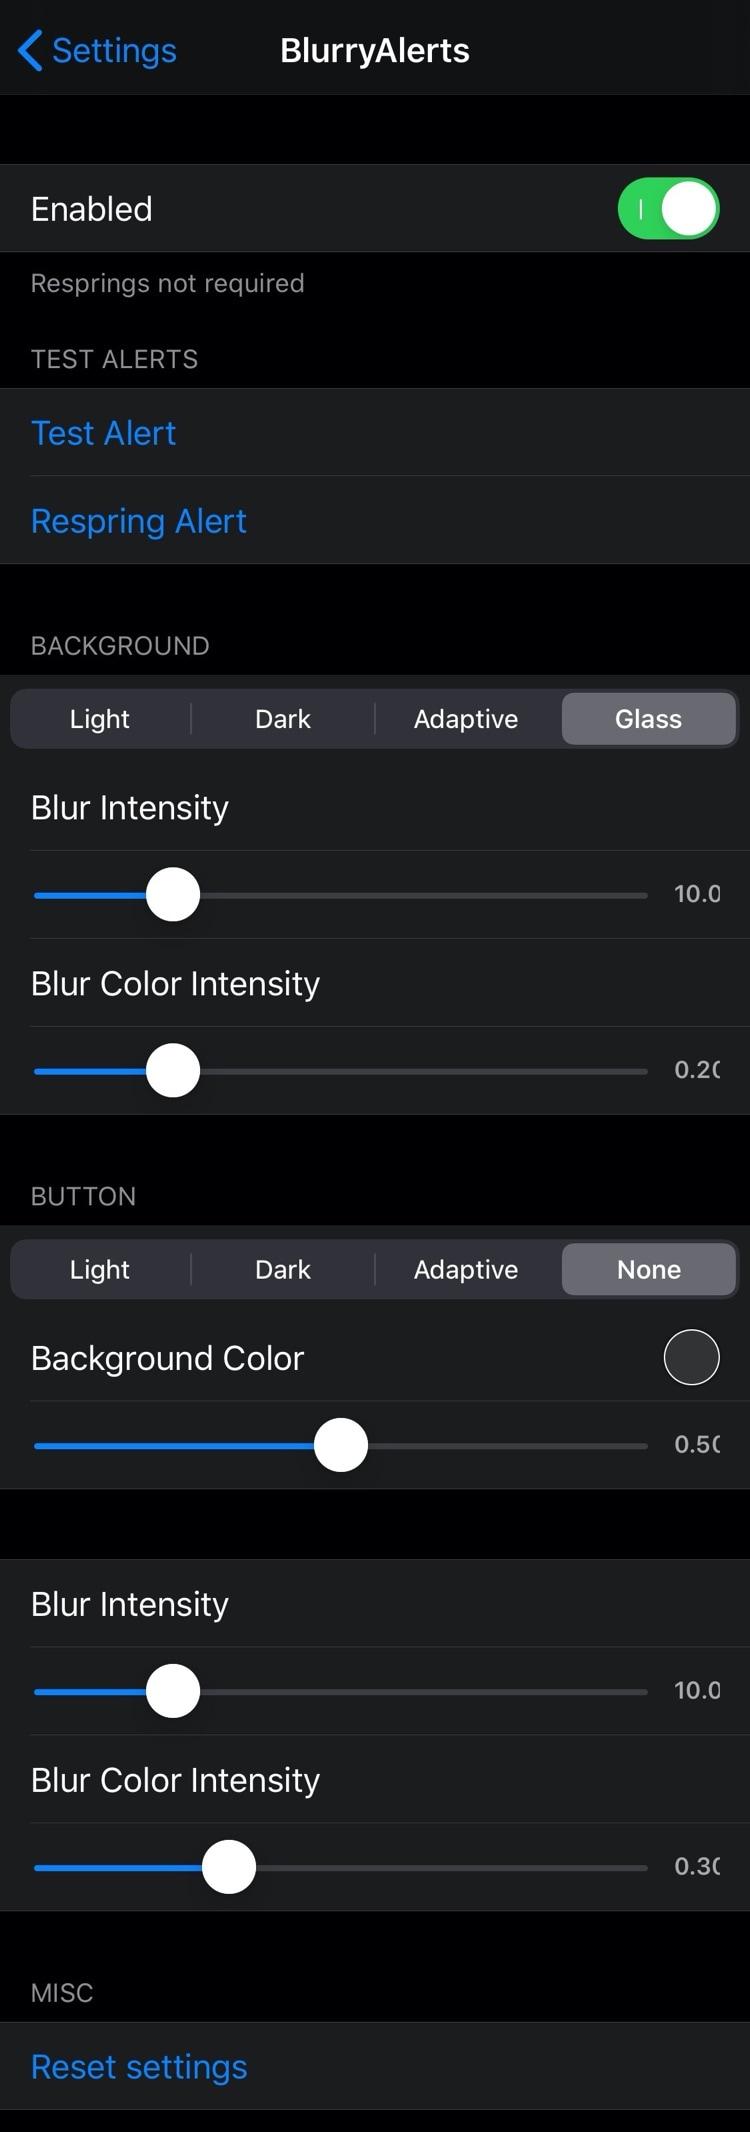 BlurryAlerts predstavuje upozornenia inšpirované televízorom pre zariadenia iPhone a iPad s jailbroken 2